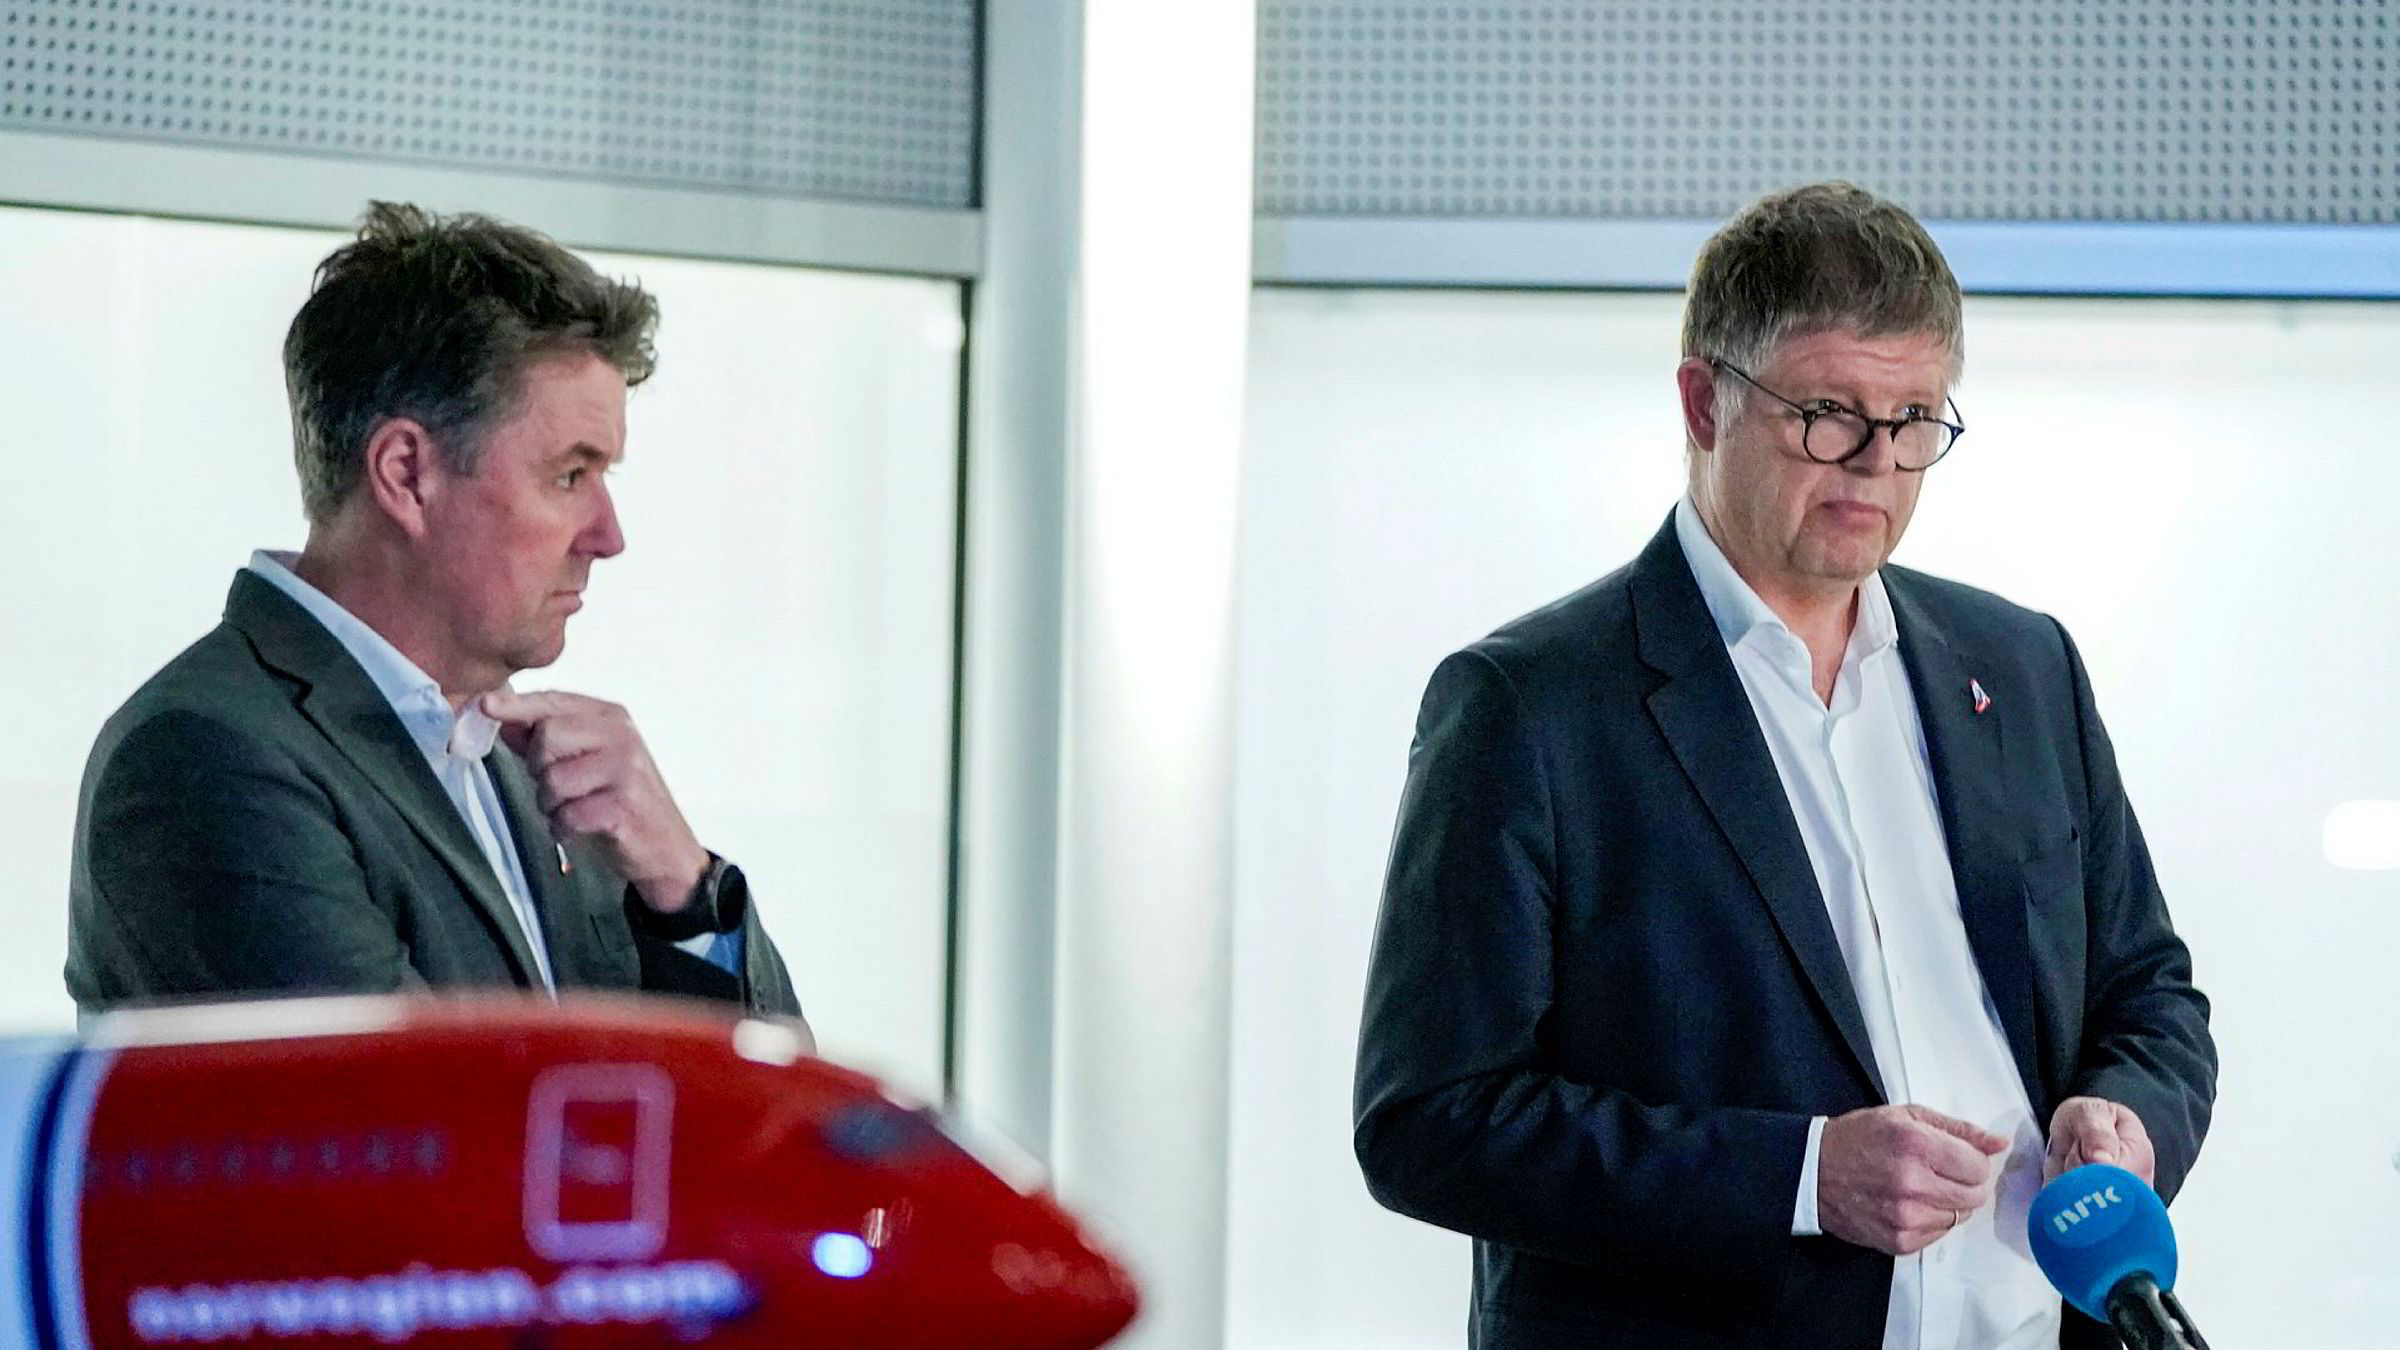 Konsernsjef Jacob Schram i Norwegian kommenterer regjeringens forslag til tiltakspakke for luftfarten. Finansdirektør Geir Karlsen til venstre.